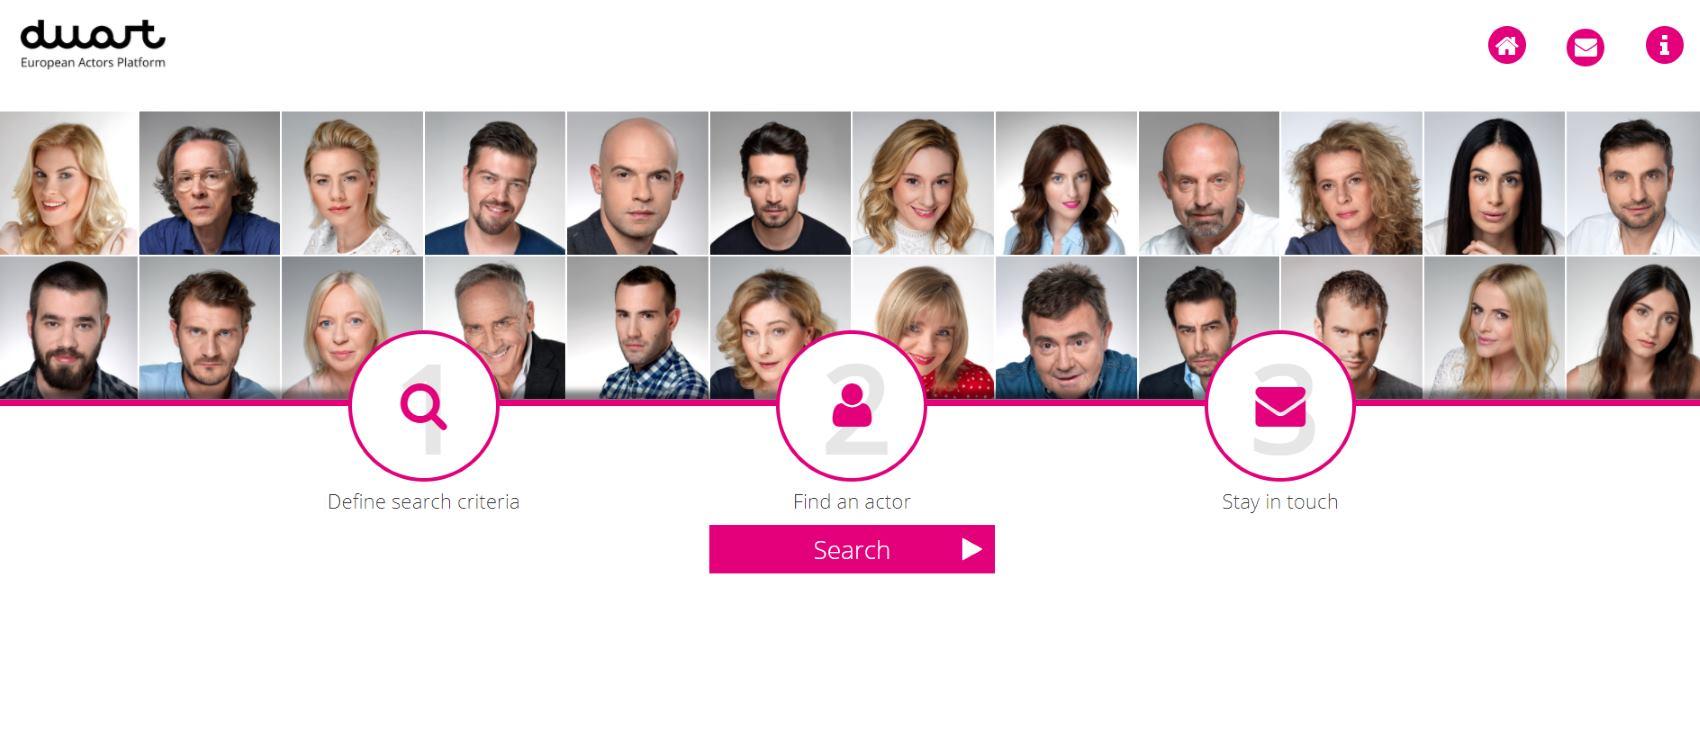 FOTO: Proslavljen prvi rođendan Duarta, online platforme za pronalazak glumaca u Europi